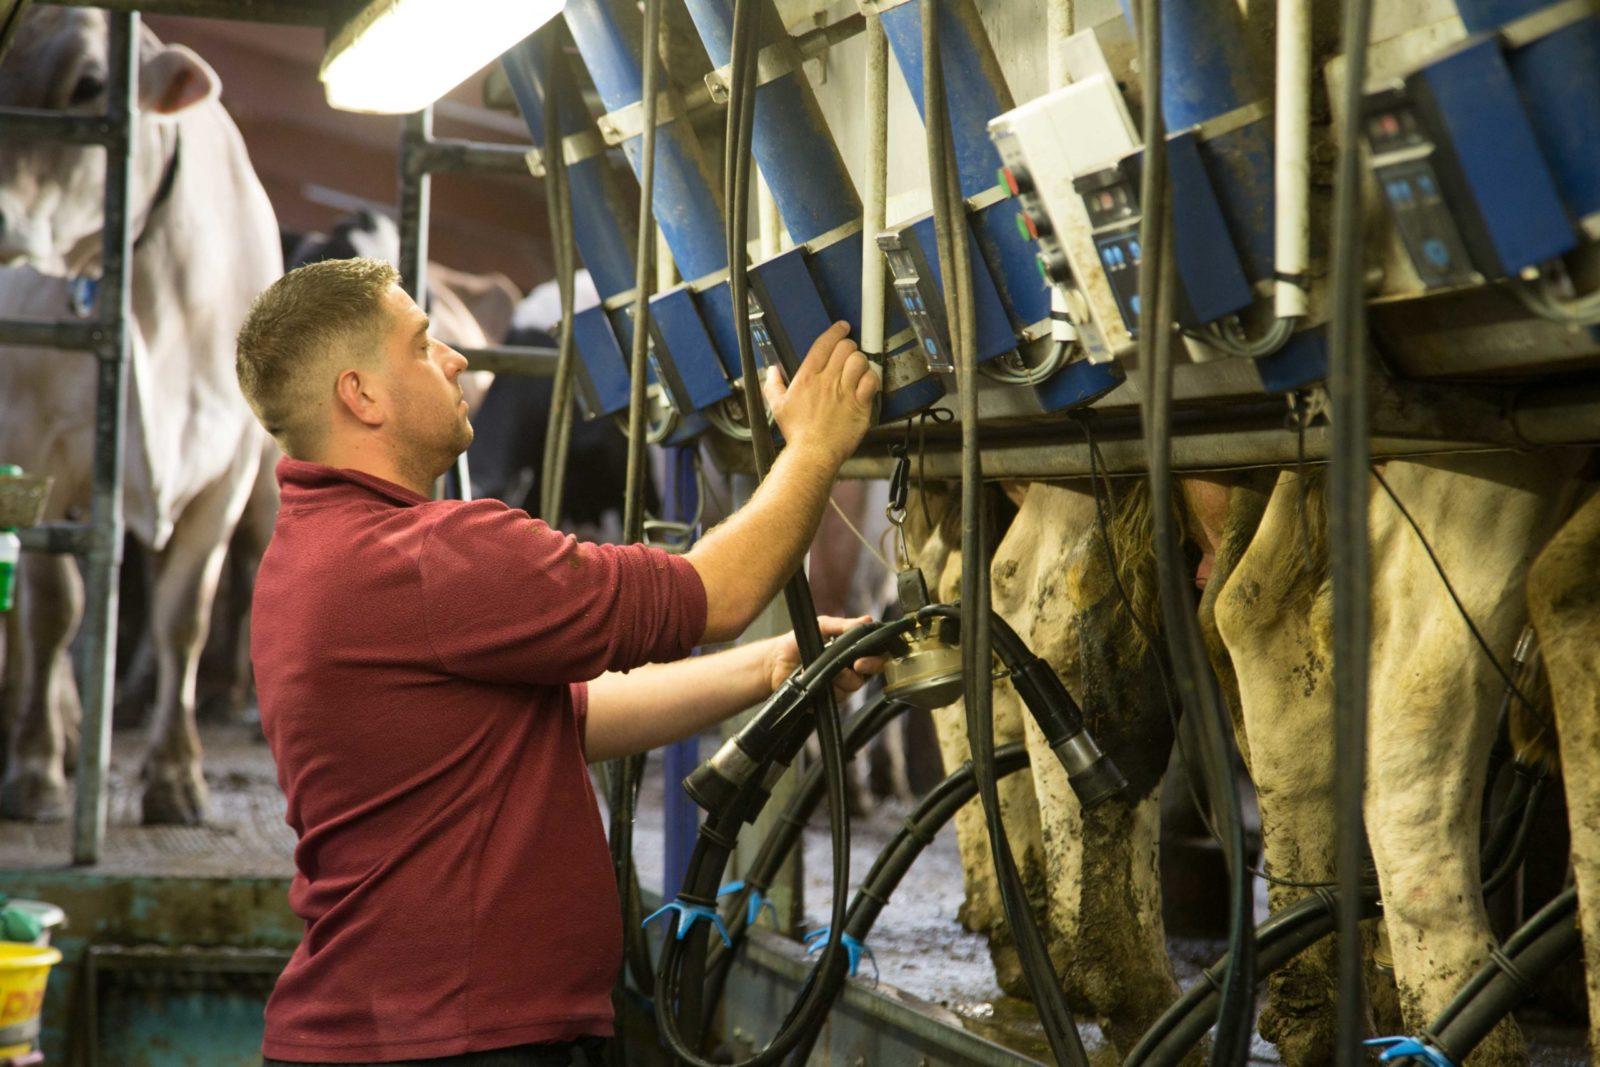 Valentin-quotidien-des-eleveurs-vaches-laitieres-deuxieme-traite-grand-fermage